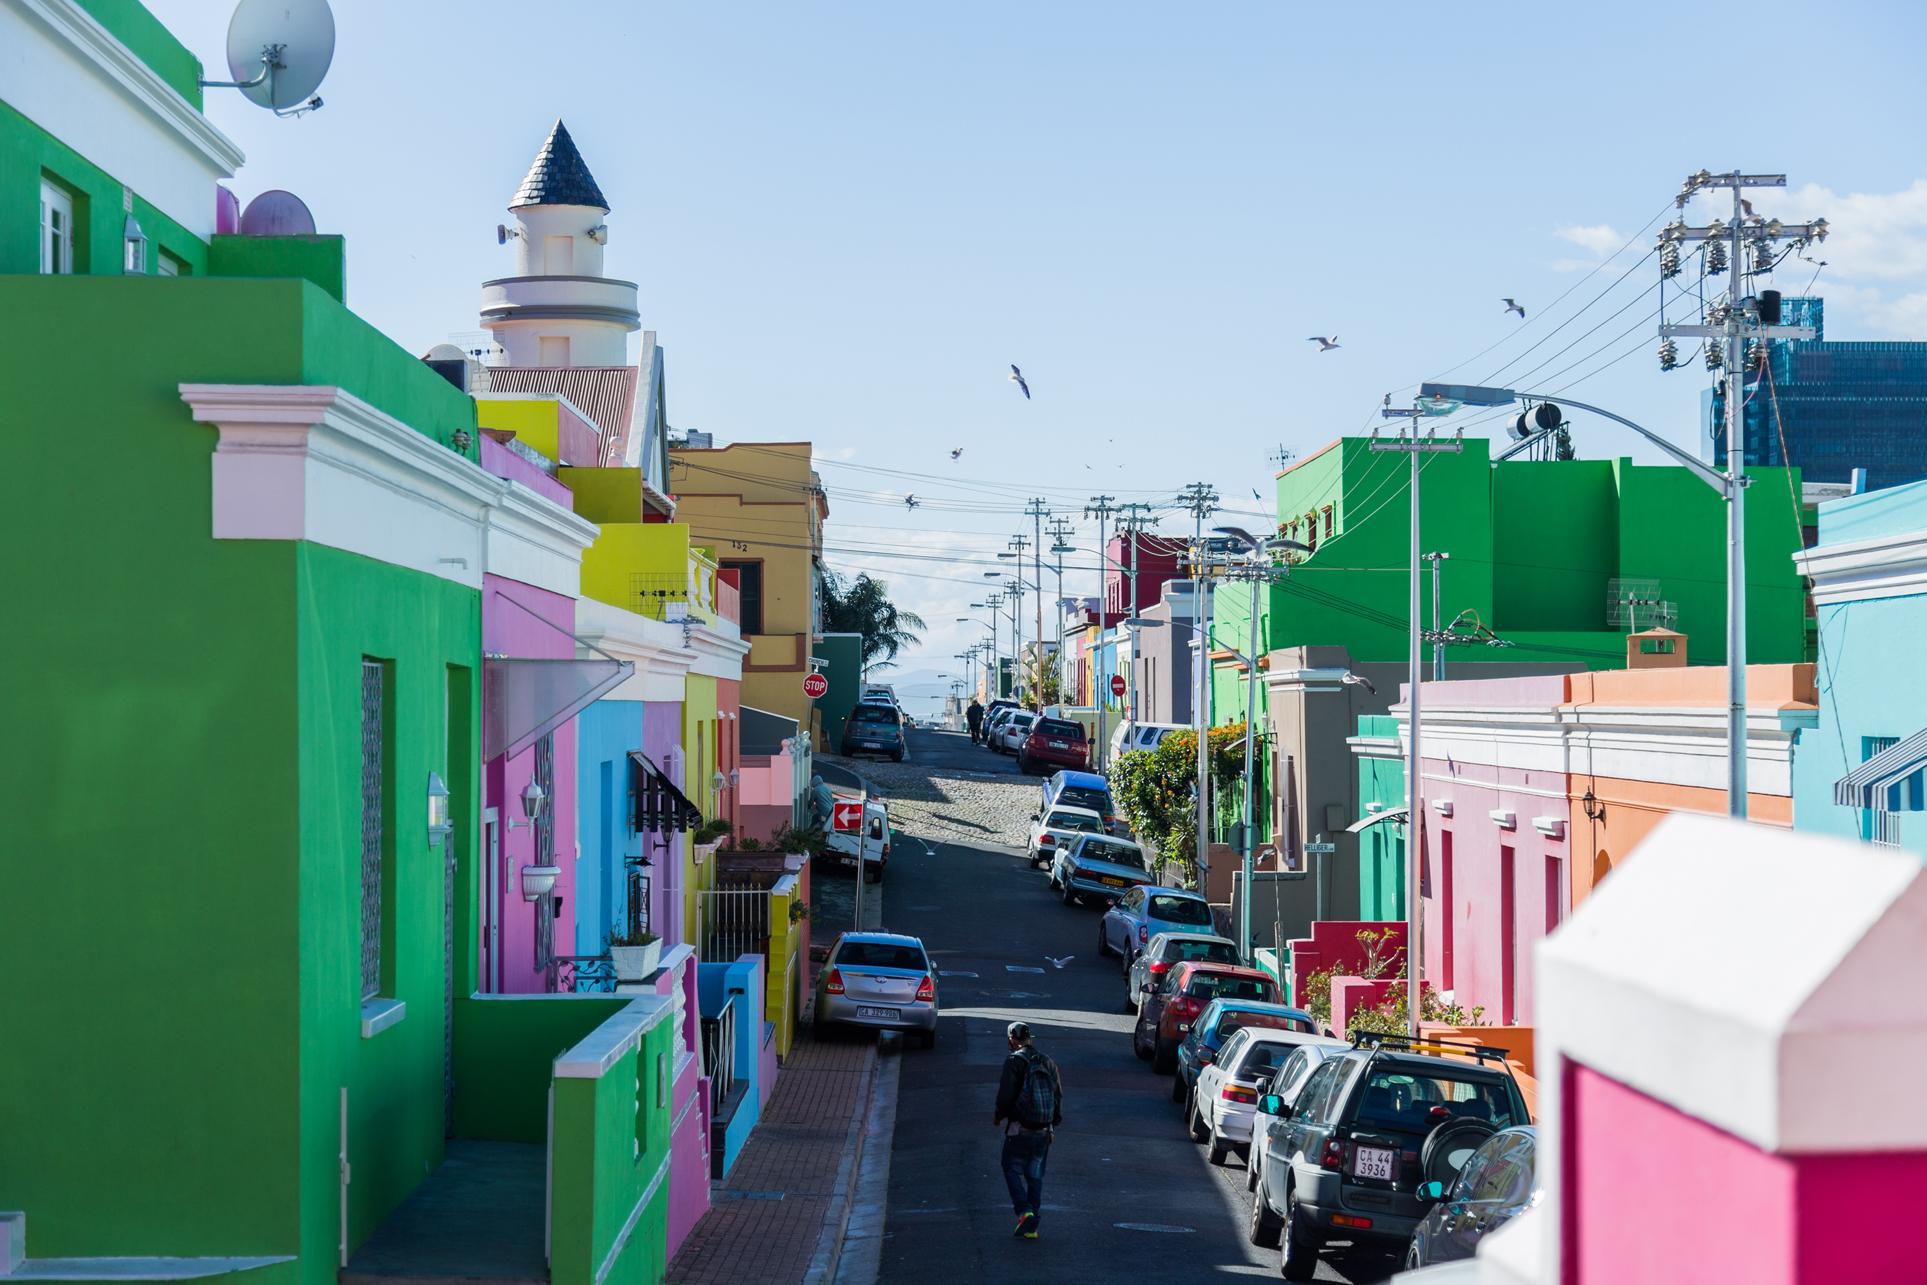 Ta1 op Attractions - Bo Kaap - Bo-Kaap-Neighborhood-Street-Cars-Houses.jpg.jpg